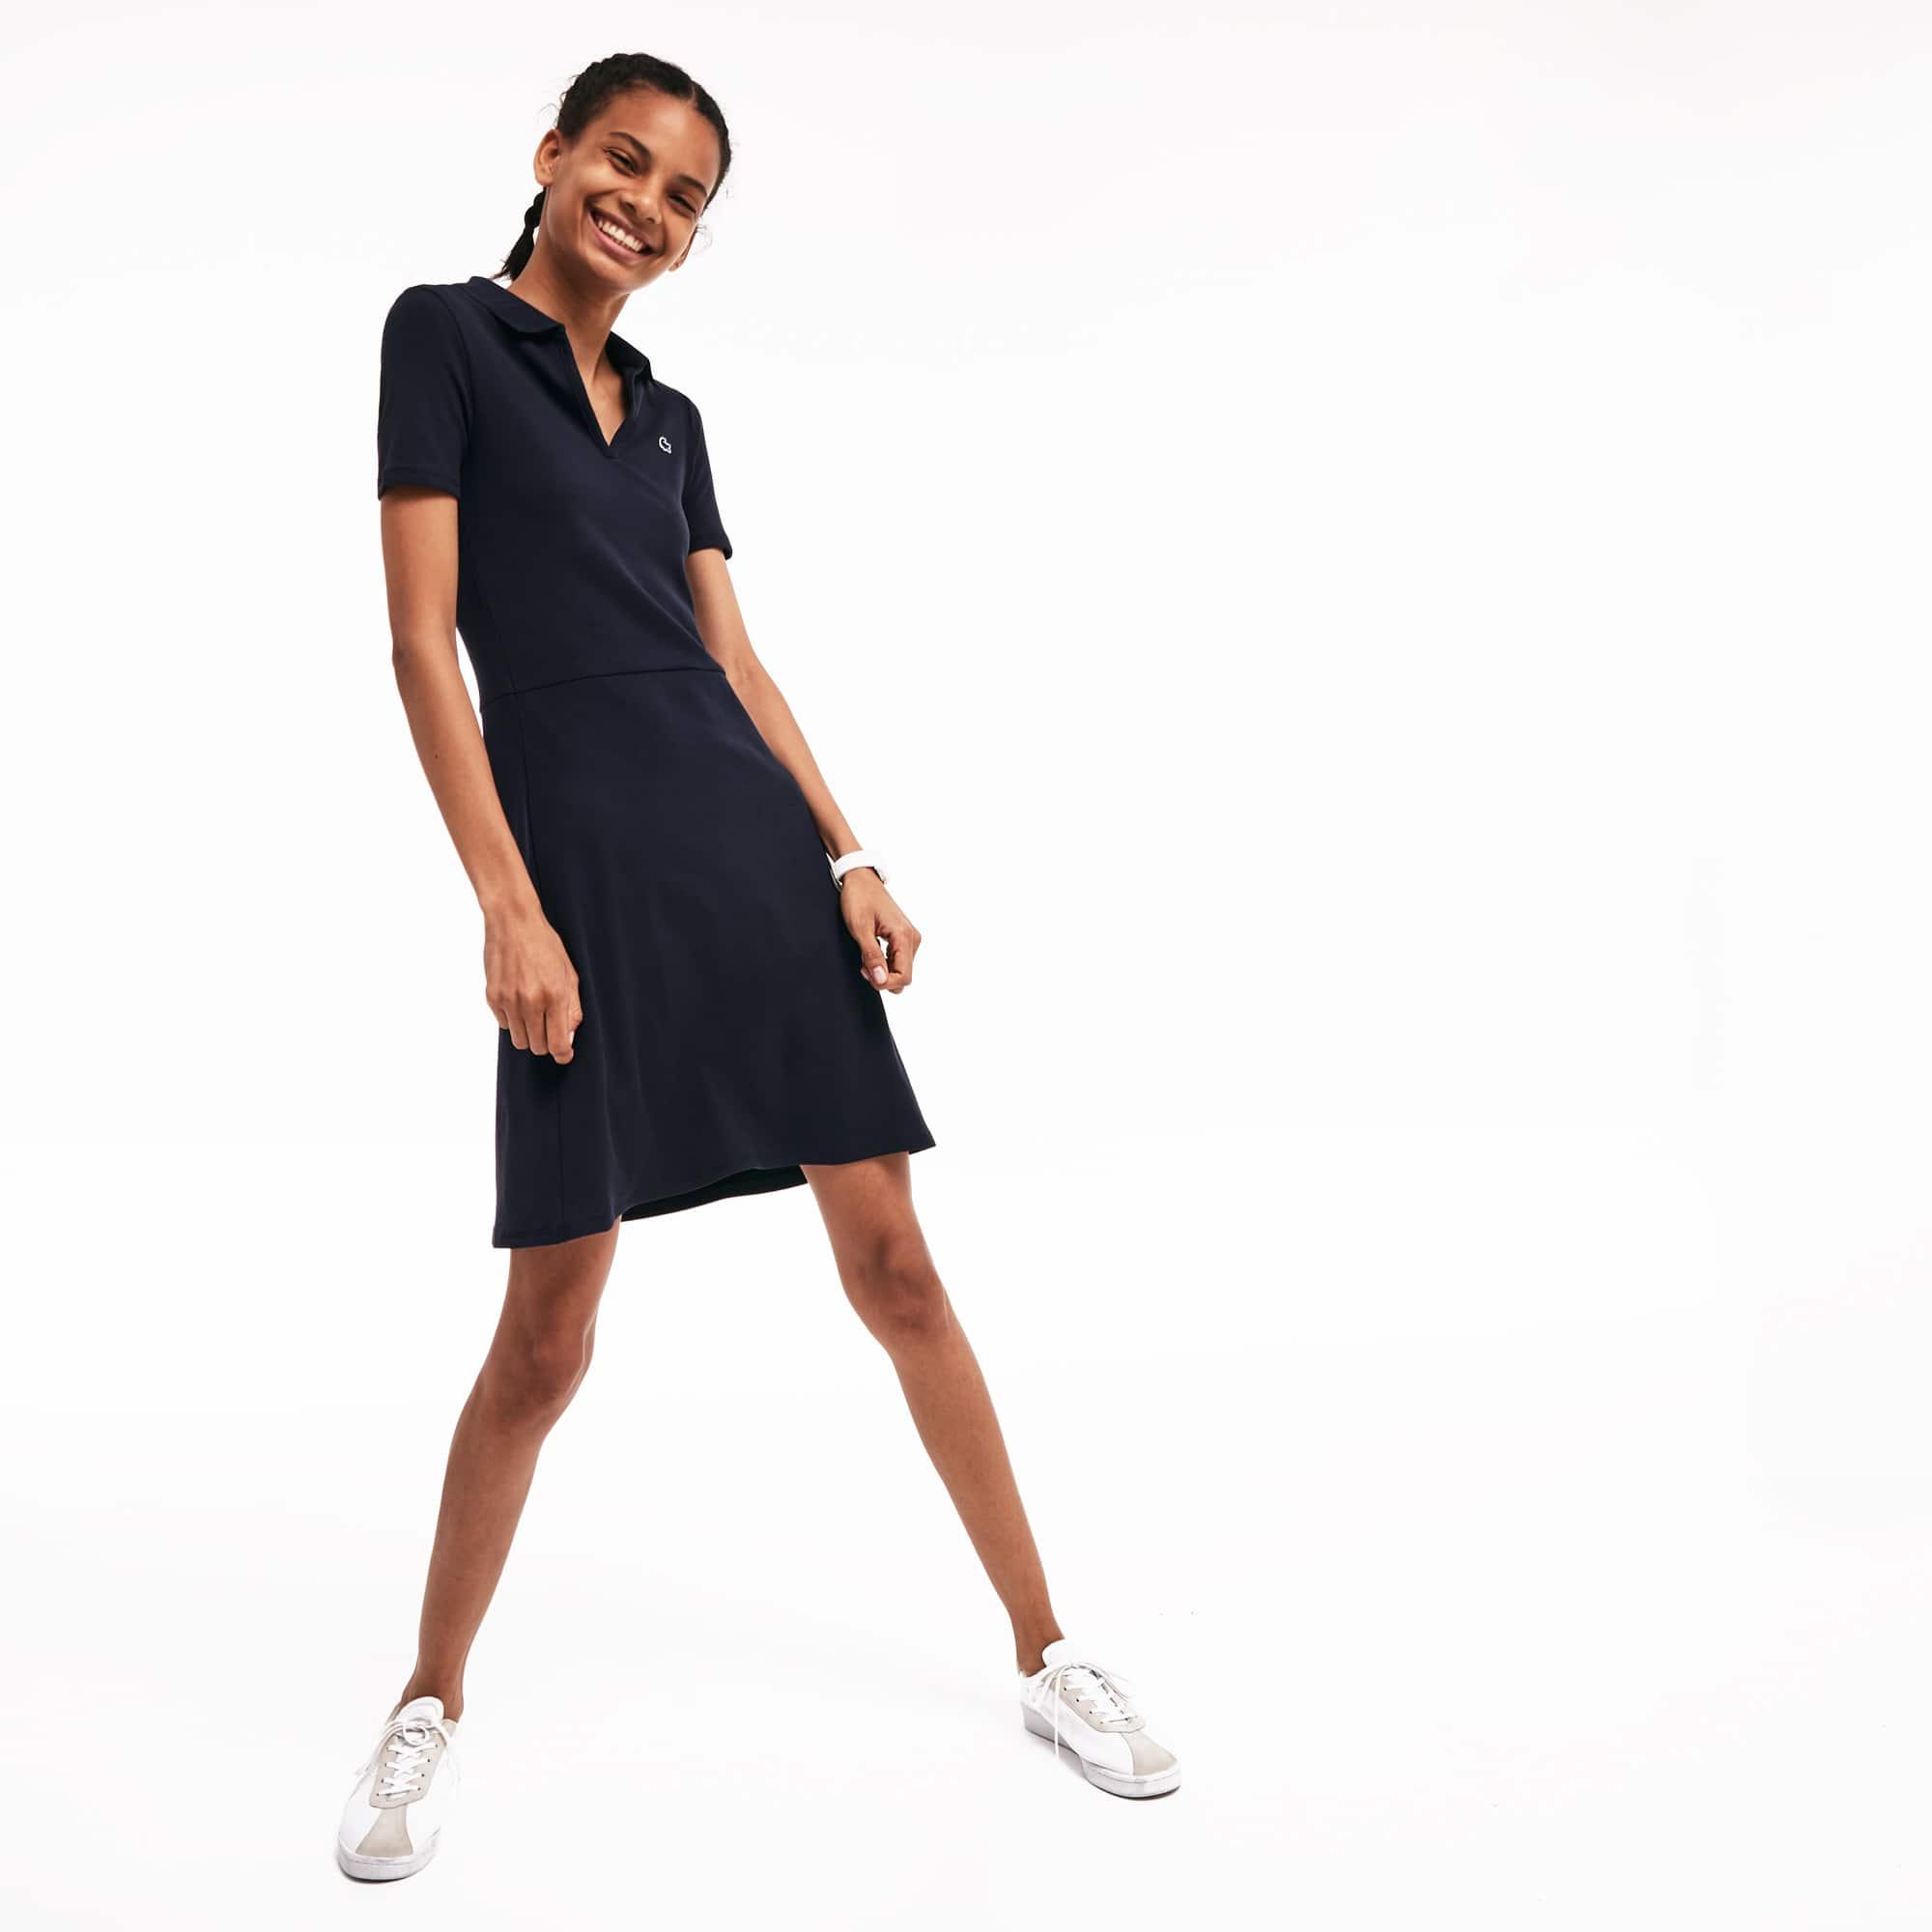 ba476130b33a Women s LIVE Cotton Blend Polo Dress